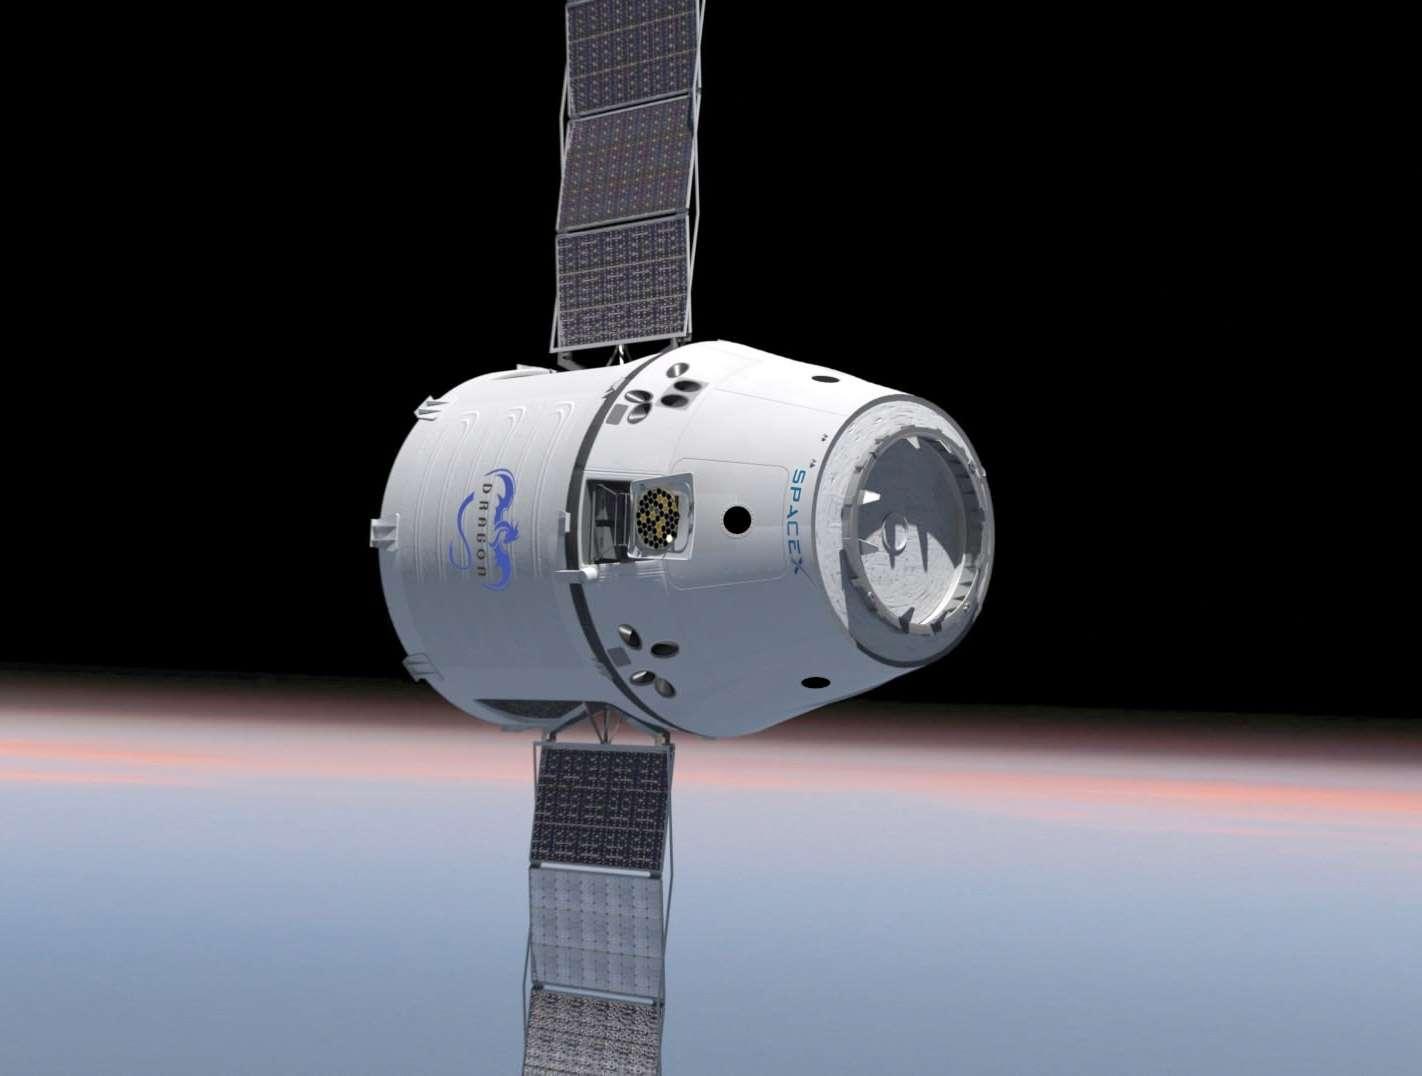 Trois vols de démonstration sont censés démontrer à la Nasa les capacités du système de transport de SpaceX à ravitailler la Station. Ce premier vol doit démontrer que la capsule supporte bien le périple, qu'elle fonctionne correctement et qu'elle réalise un retour sur Terre conforme au plan de vol. © SpaceX